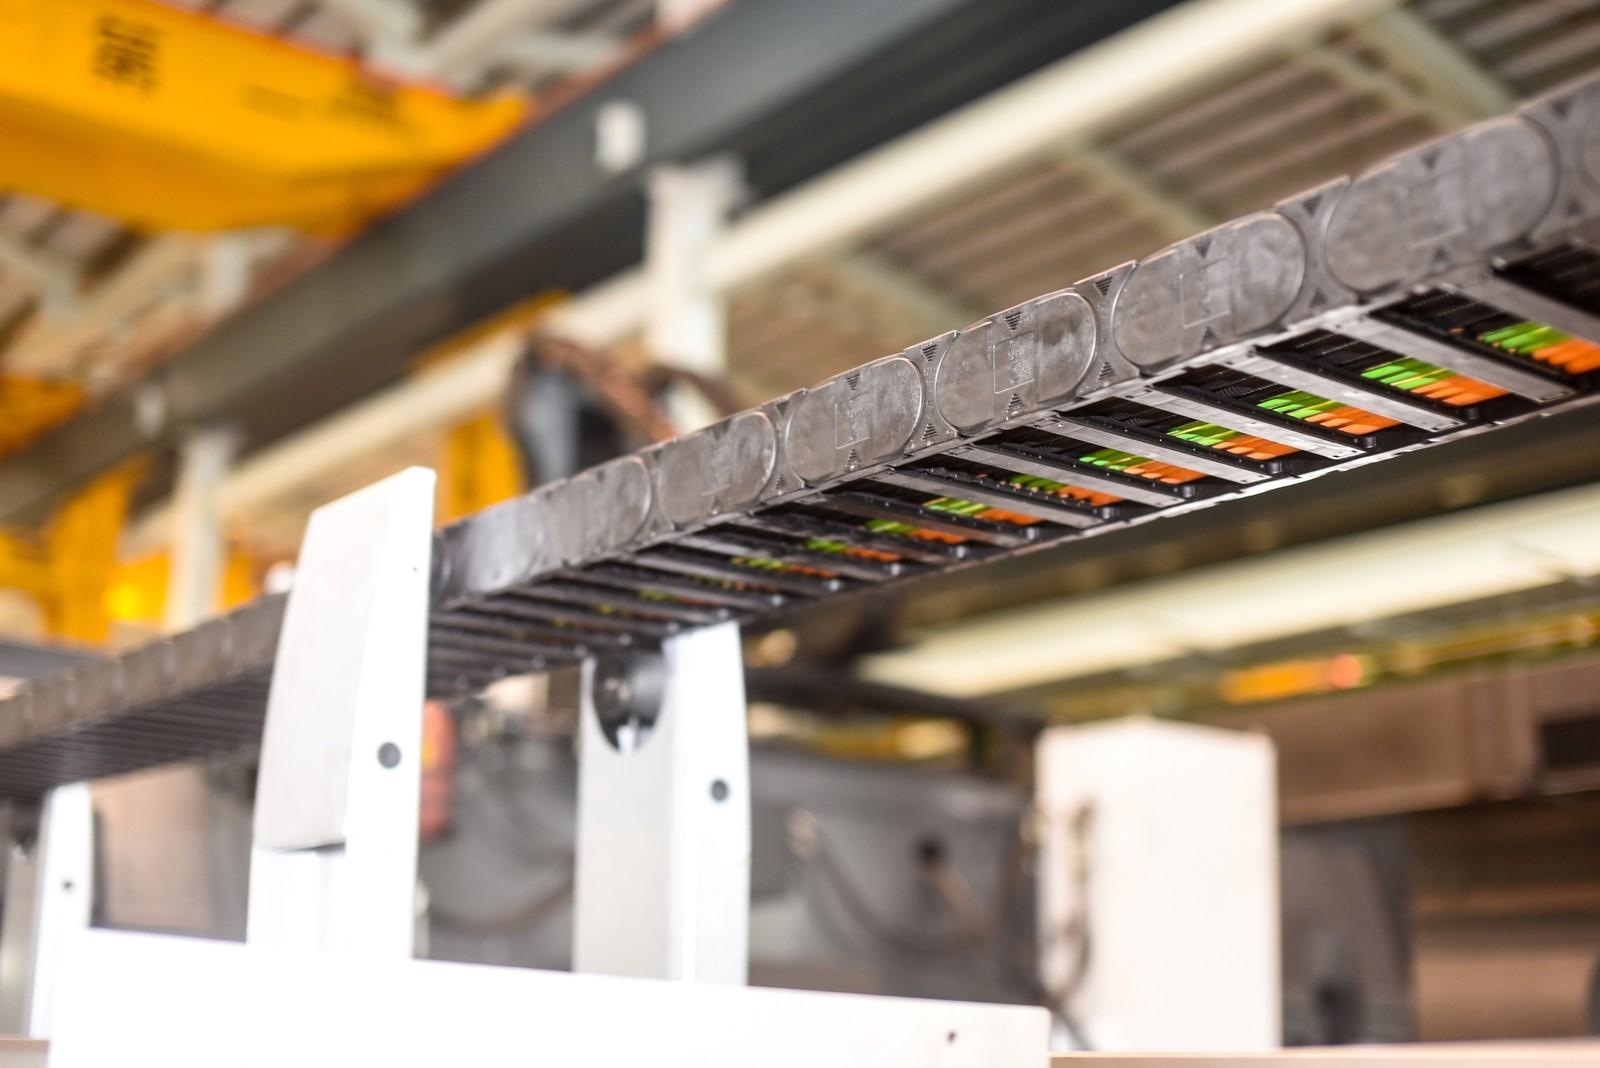 Die schwenkbaren Rollenhalter des guidelok Systems erlauben den freien Lauf der E-Kette und stützen das Obertrum. So verbessern sie zudem noch die Bearbeitungsqualität und senken den Wartungsaufwand.